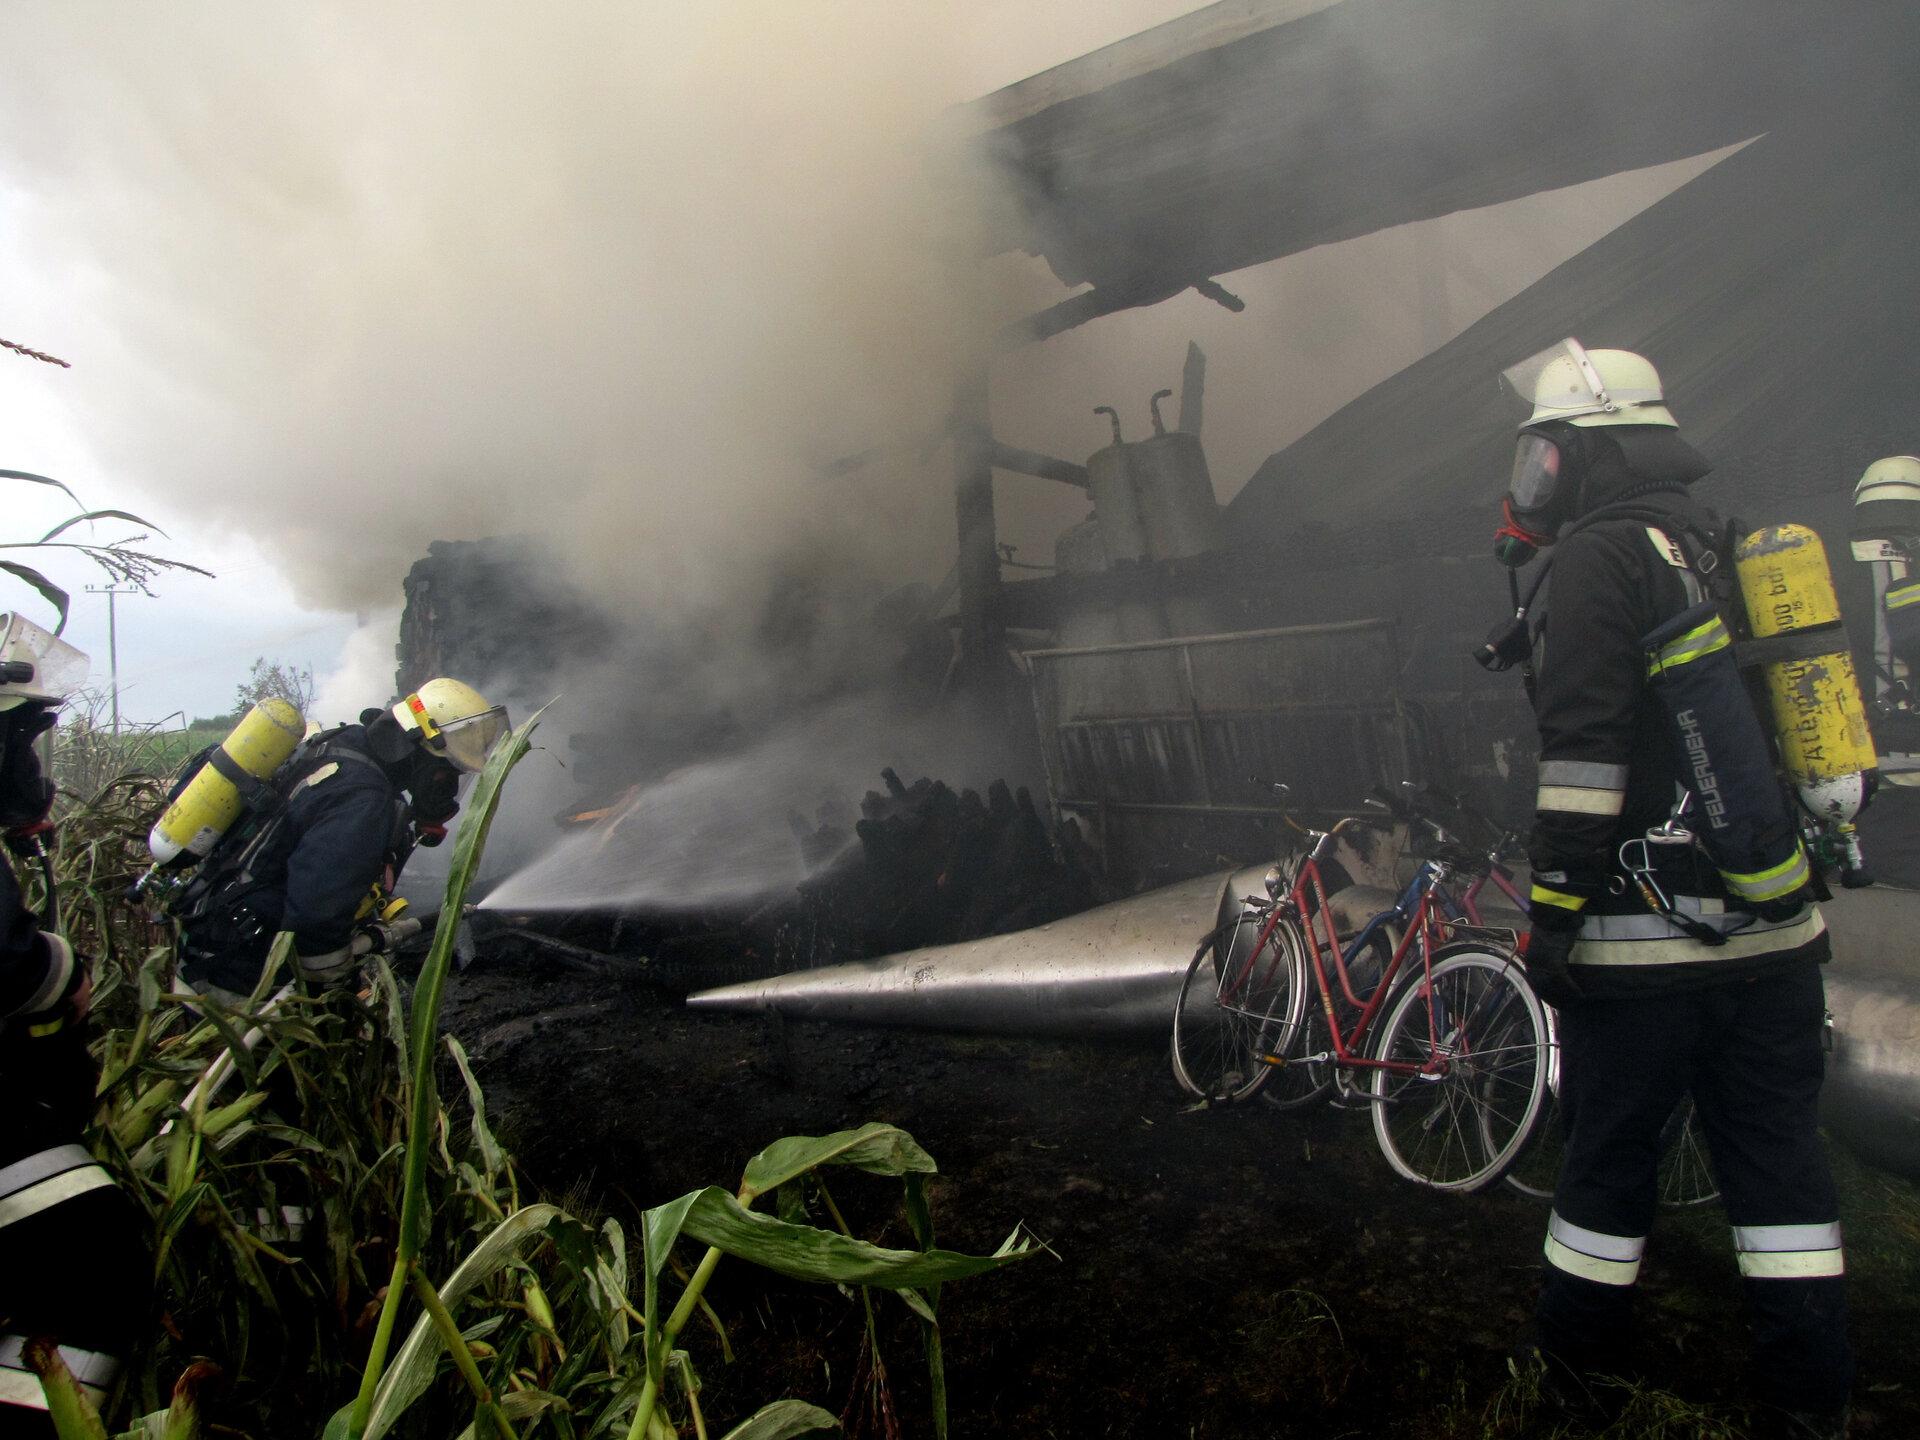 Einsatz von Atemschutzgeräteträgern beim Brand einer Scheune 2016